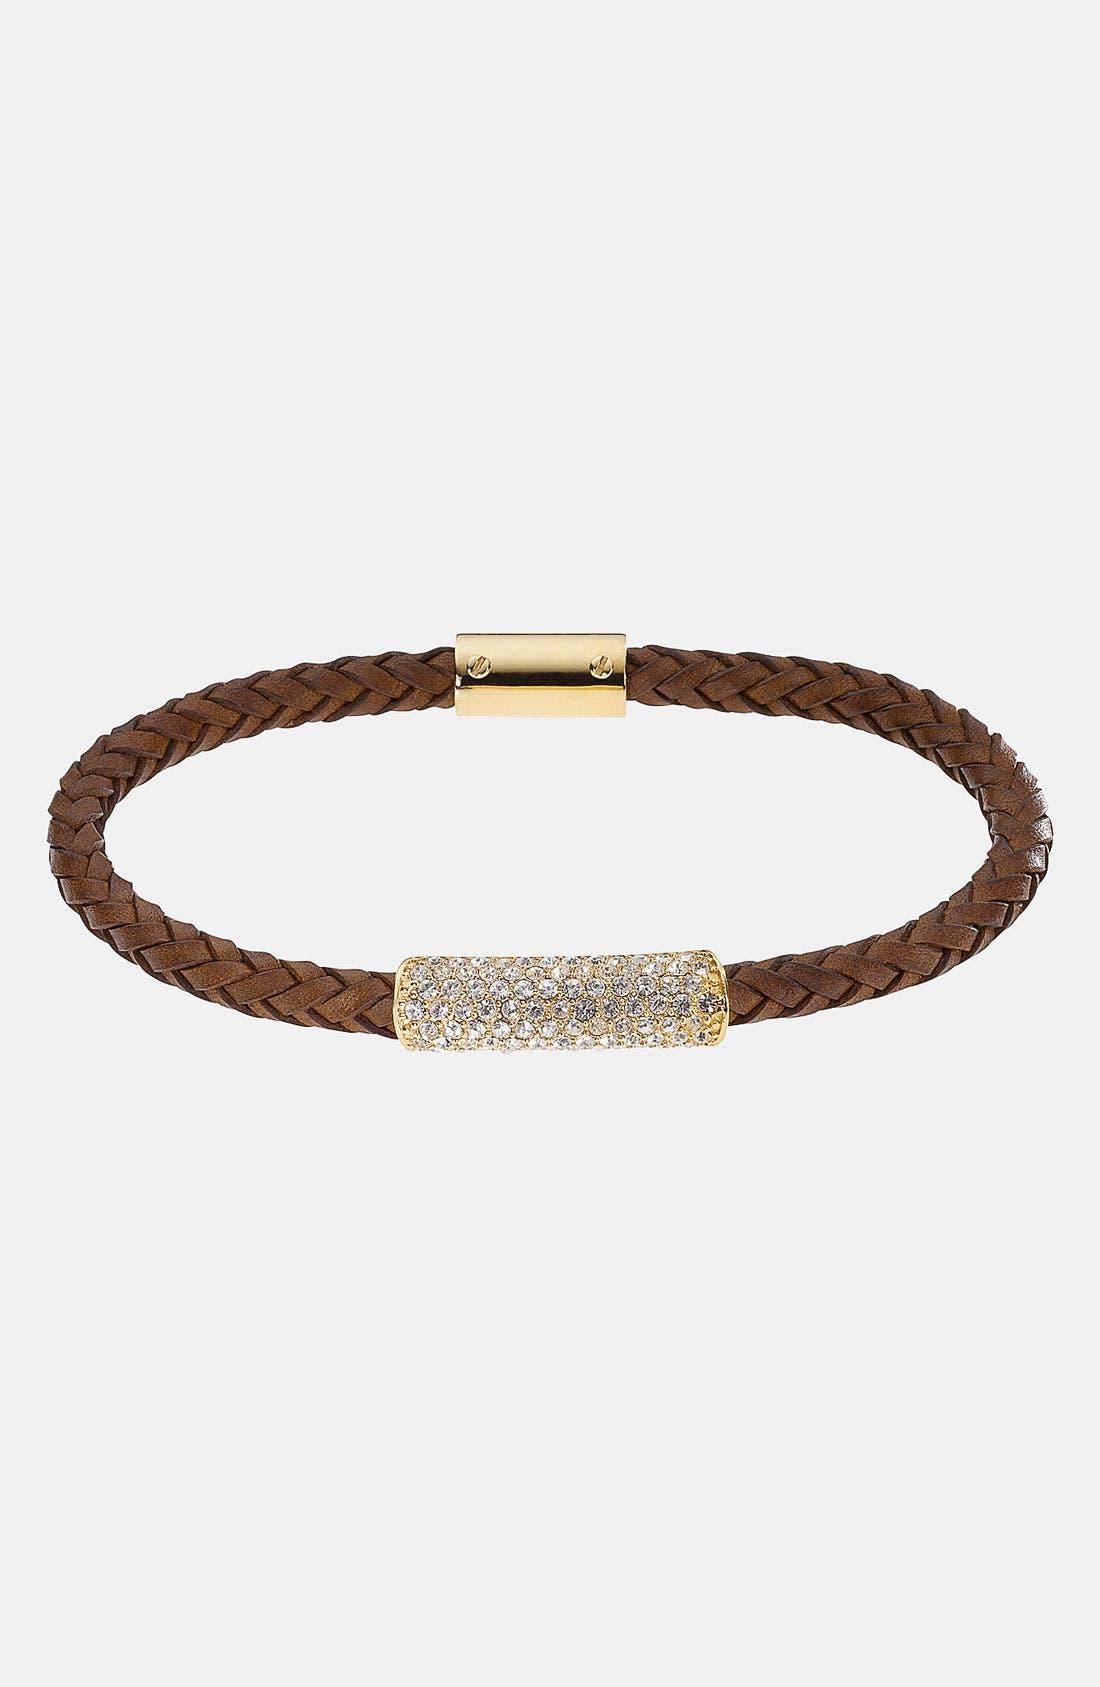 Alternate Image 1 Selected - Michael Kors 'Skorpios' Skinny Leather Rope Bracelet